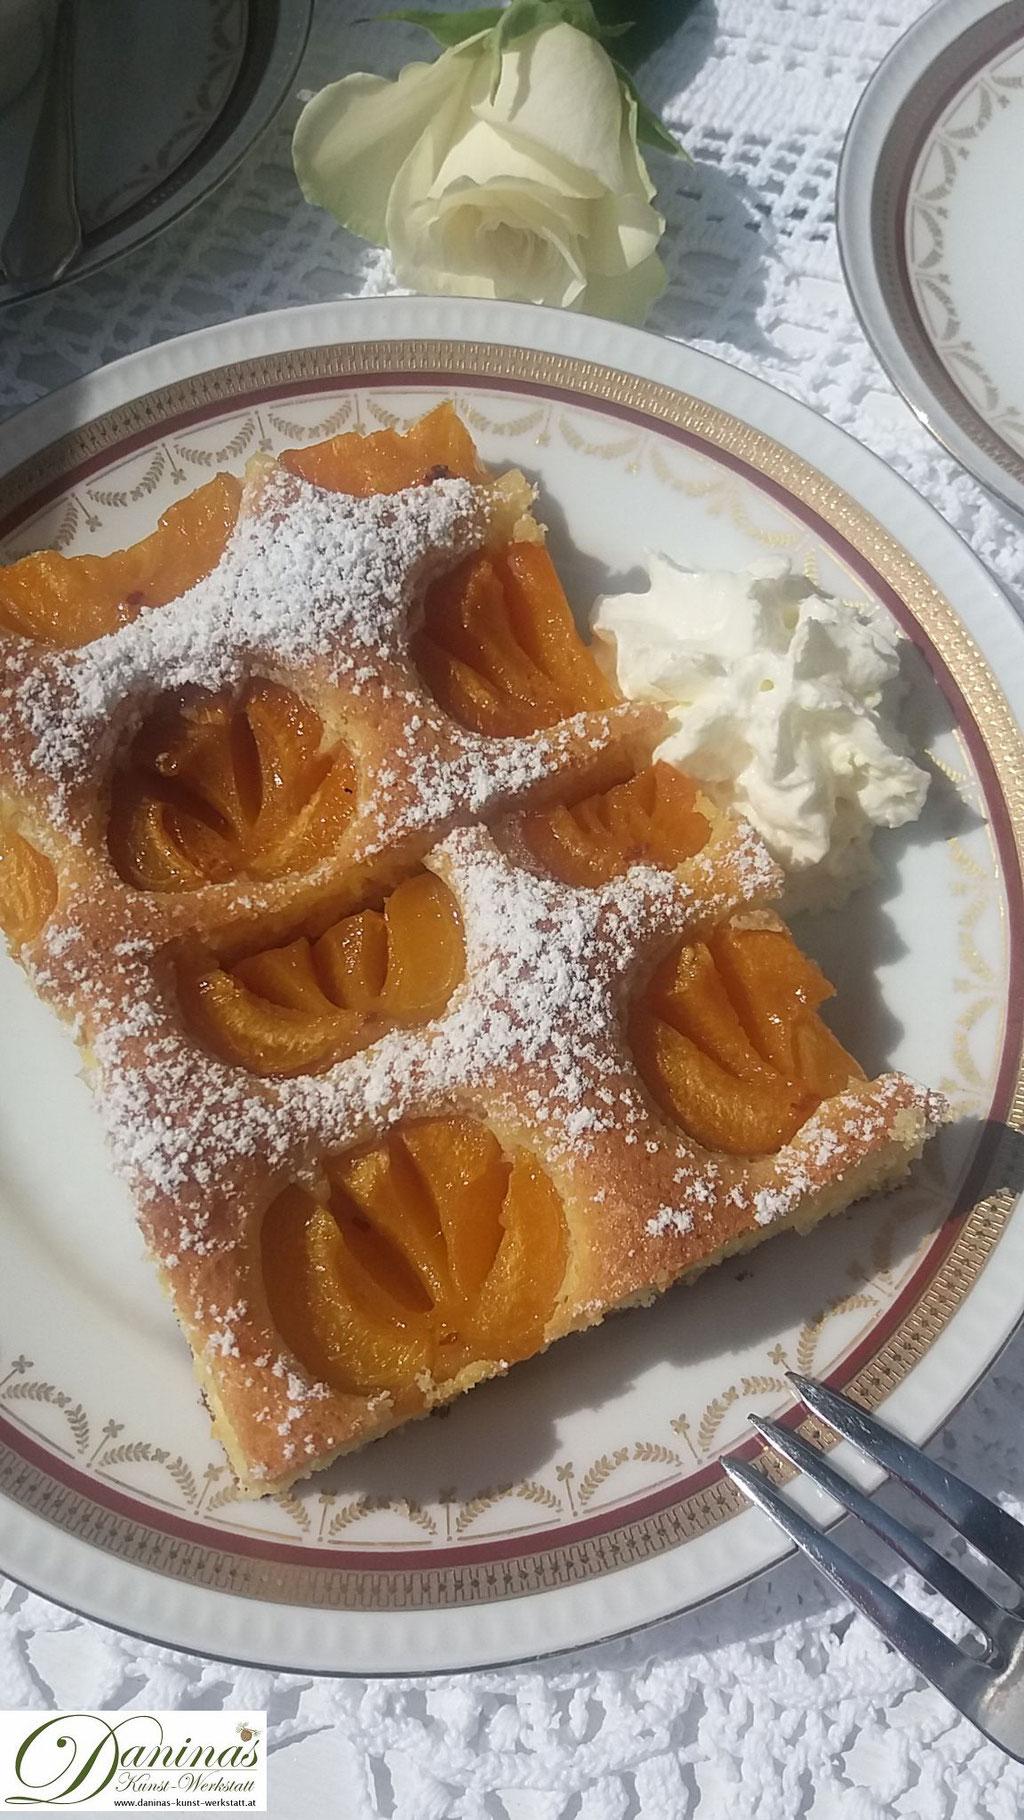 Marillenkuchen Rezept (Aprikosenkuchen). Lust auf sommerliche Vitamine? Dann probiert dieses einfache Konditor-Rezept by Daninas Dad